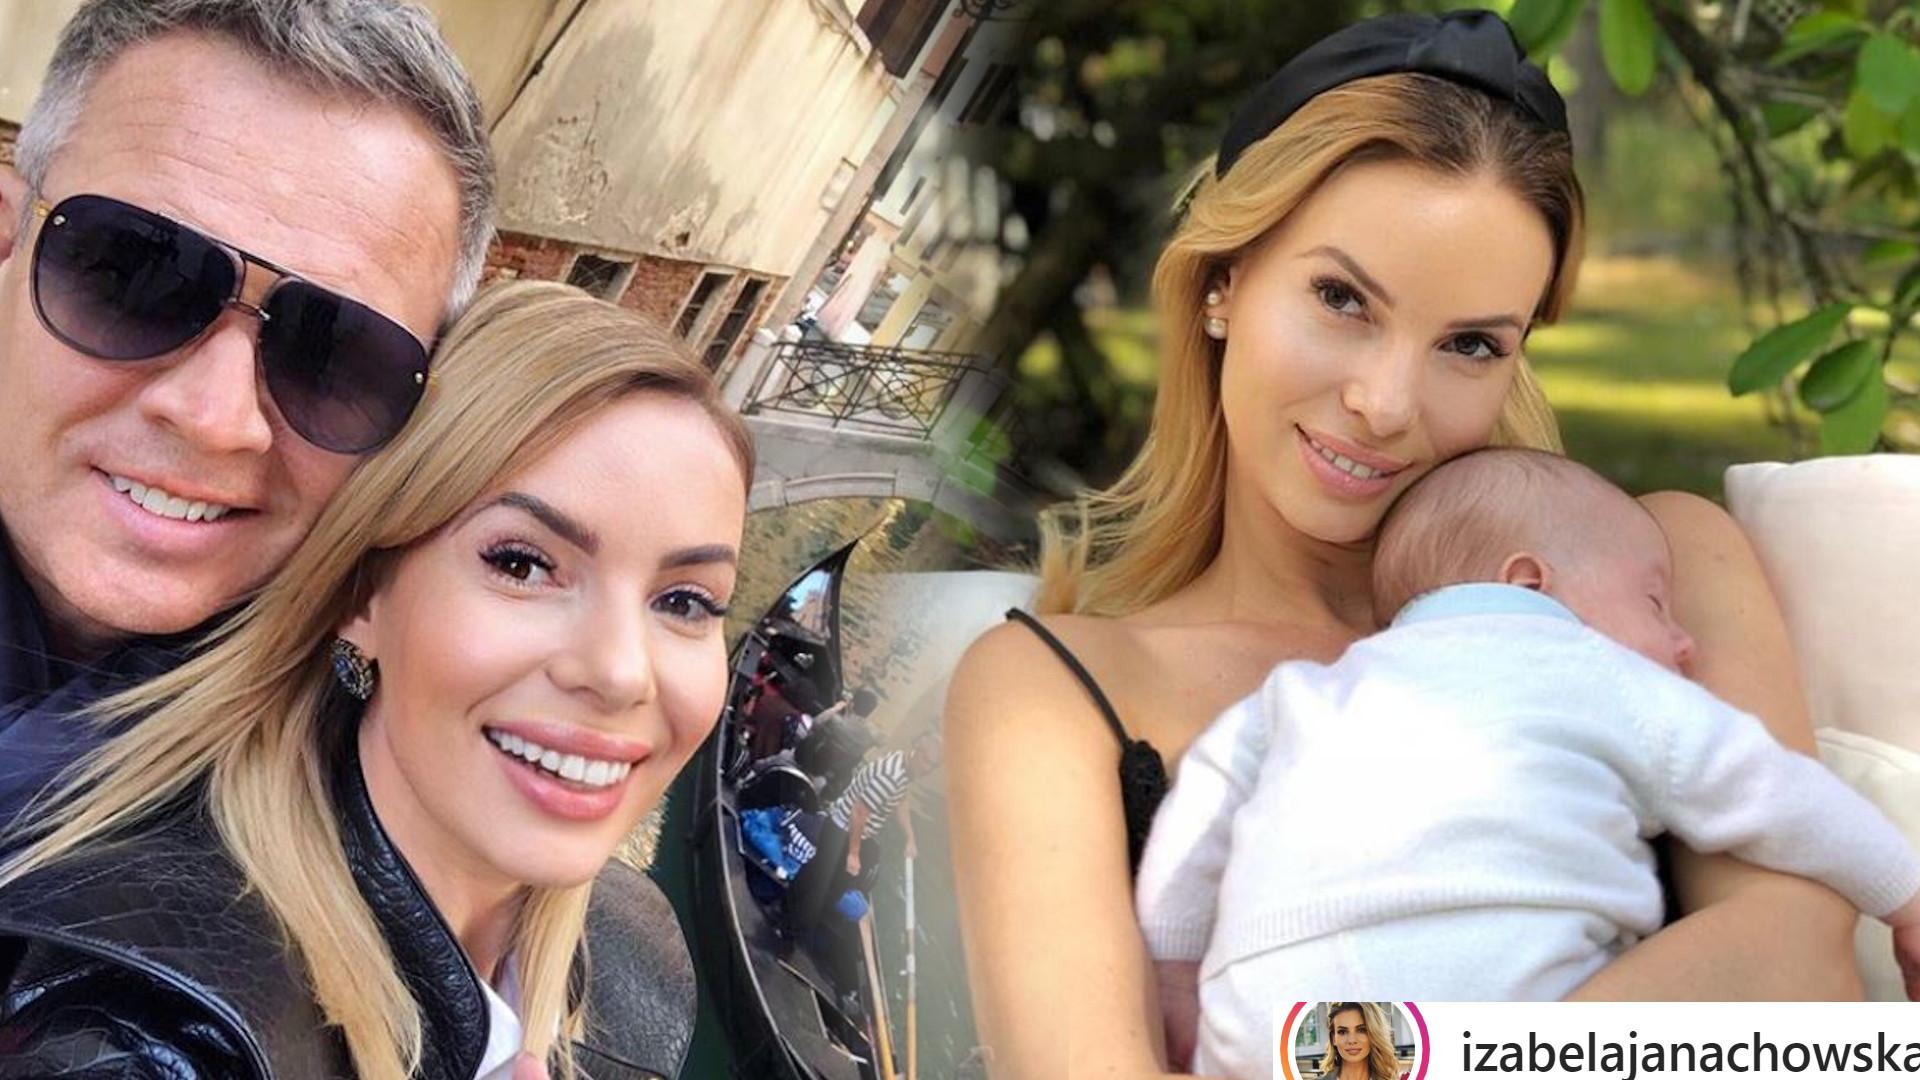 Izabela Janachowska pokazała zdjęcie z synkiem. Ma już pół roku i jest bardzo podobny do TATY!